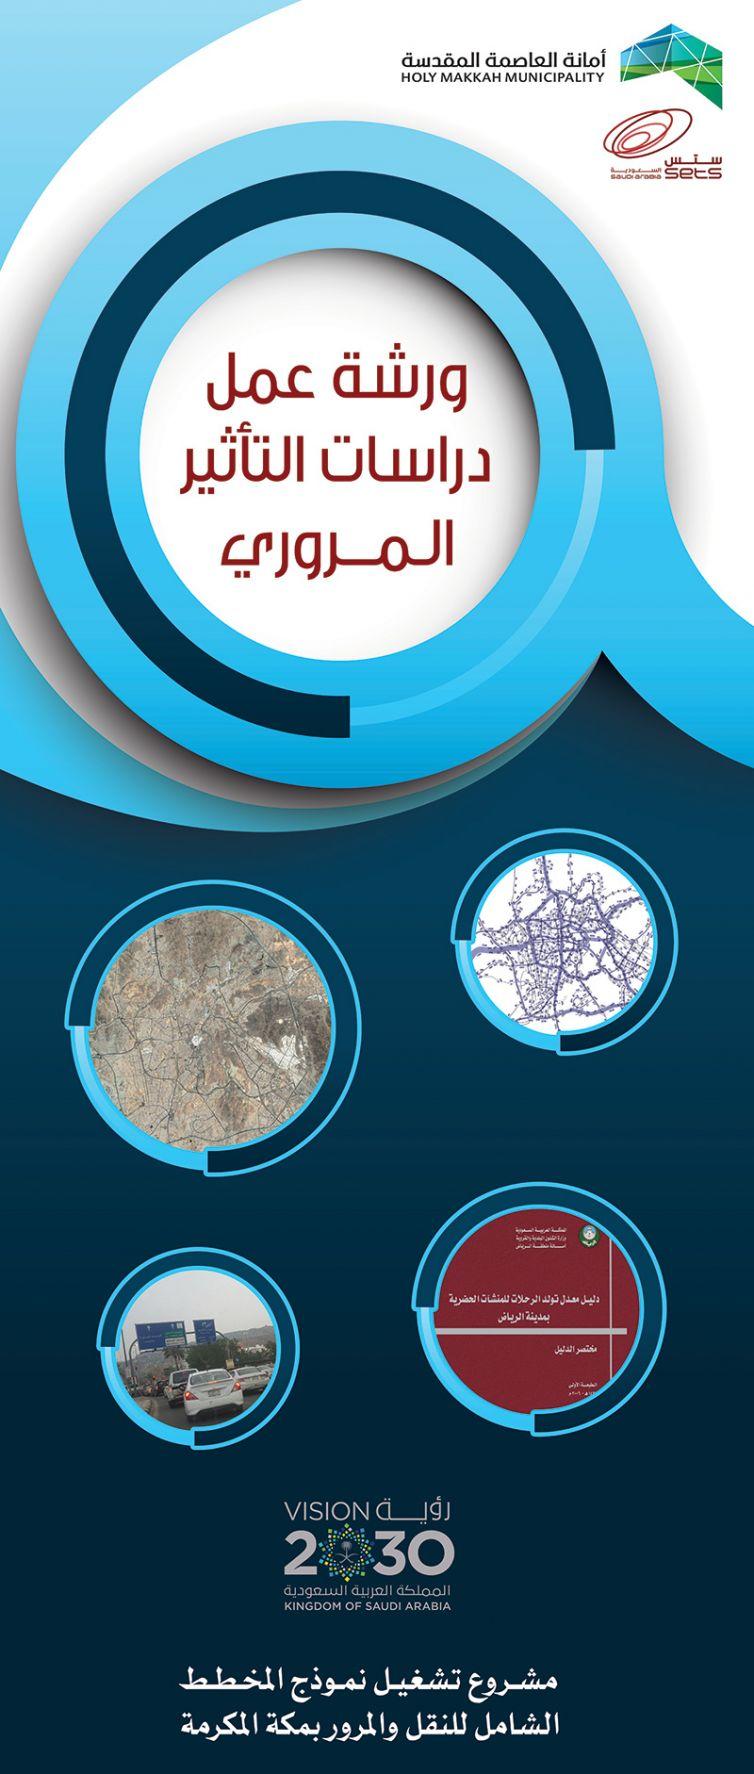 بانر ورشة عمل دراسات التأثير المروري – شركة ستس السعودية ( النموذج الأول )